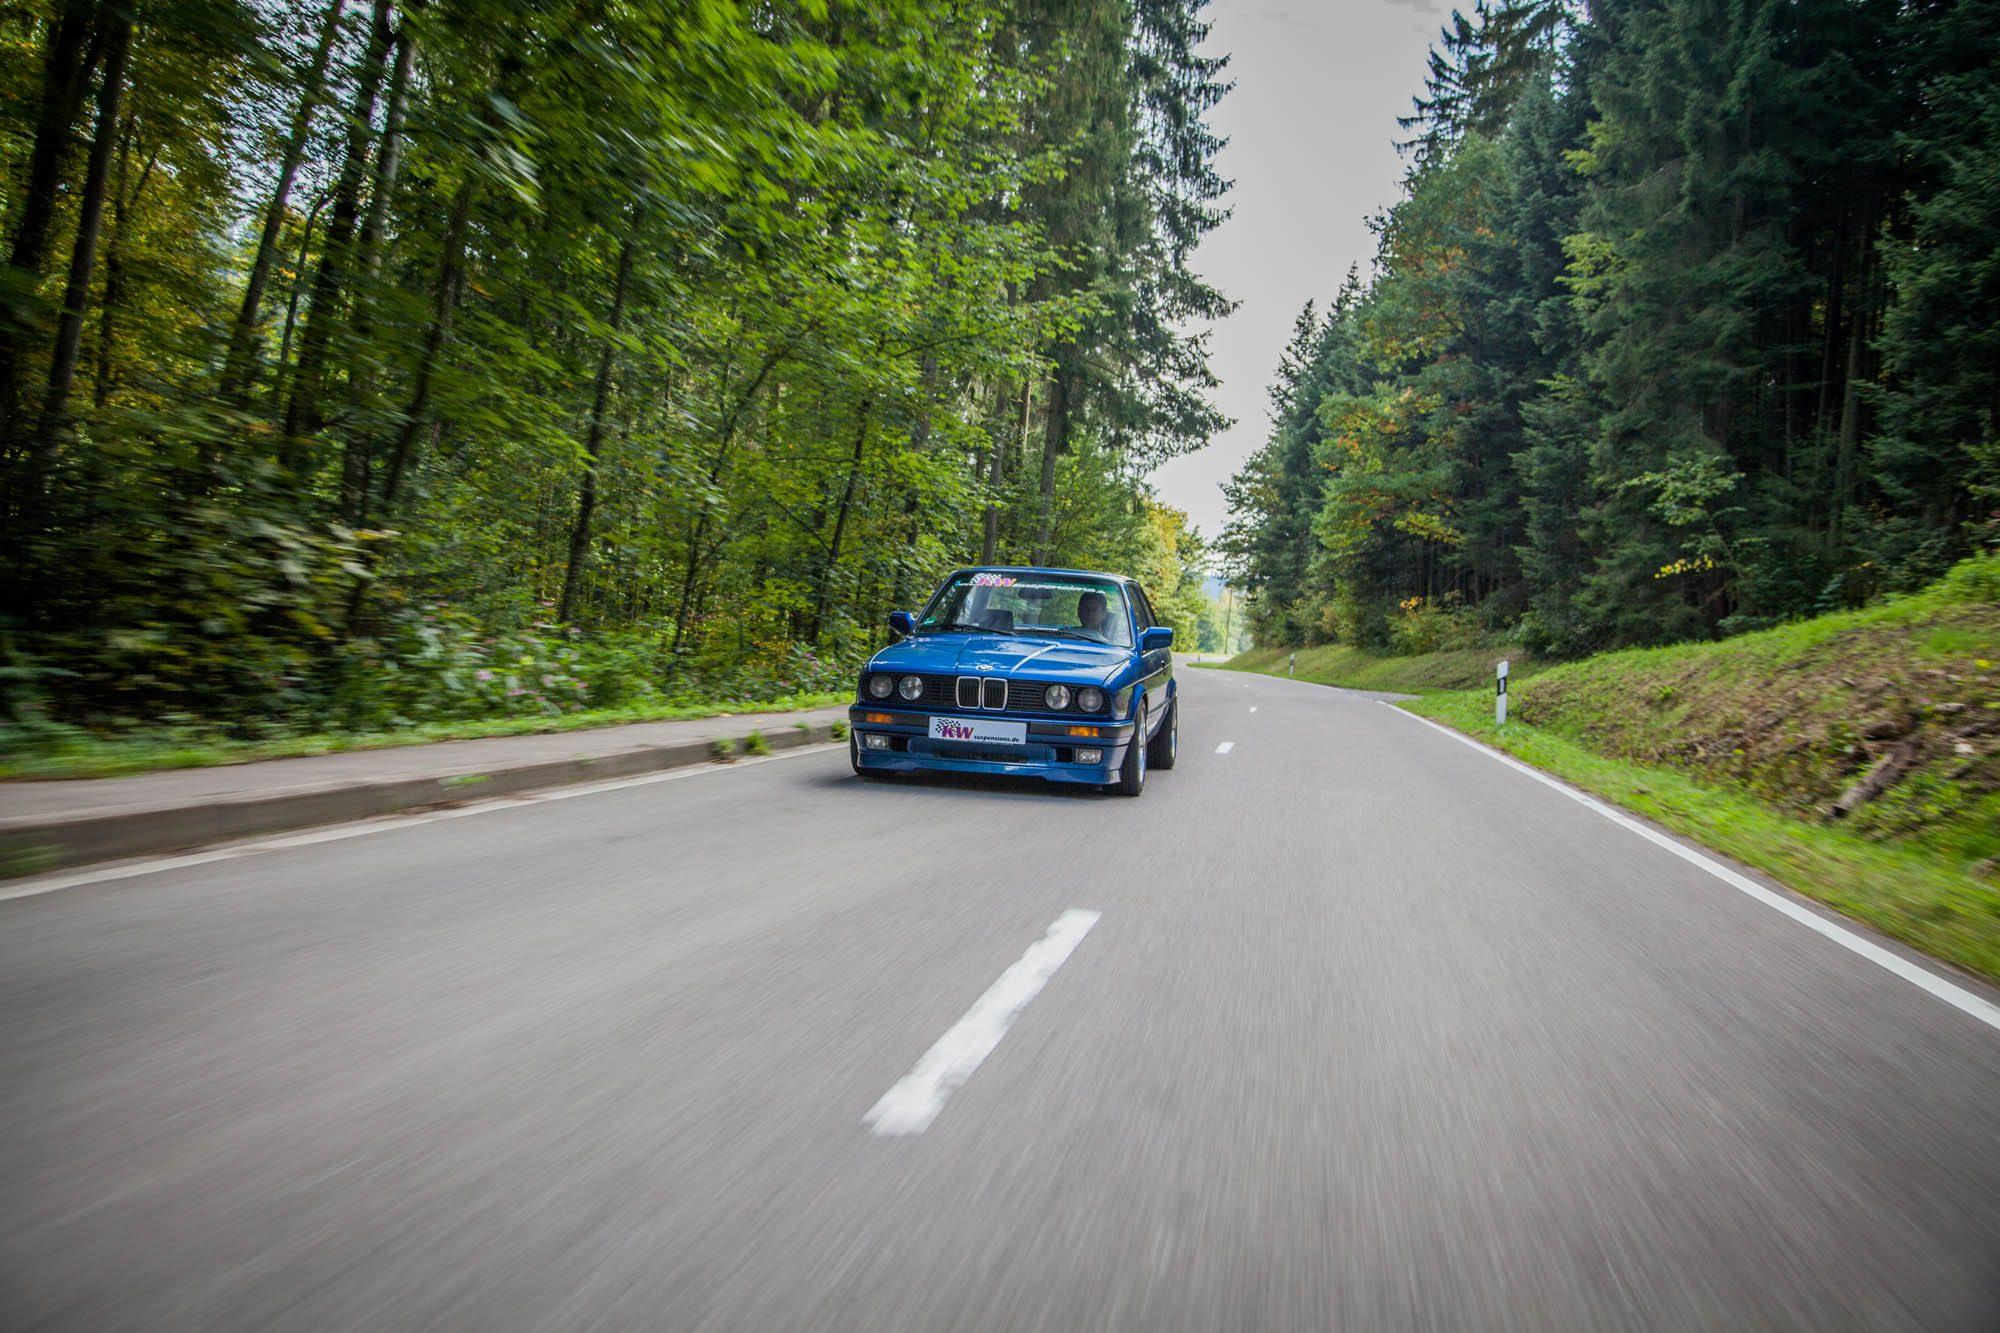 Perfekt abgestimmt für kurvige Landstraßen: Der BMW 3er E30 mit KW-Fahrwerk